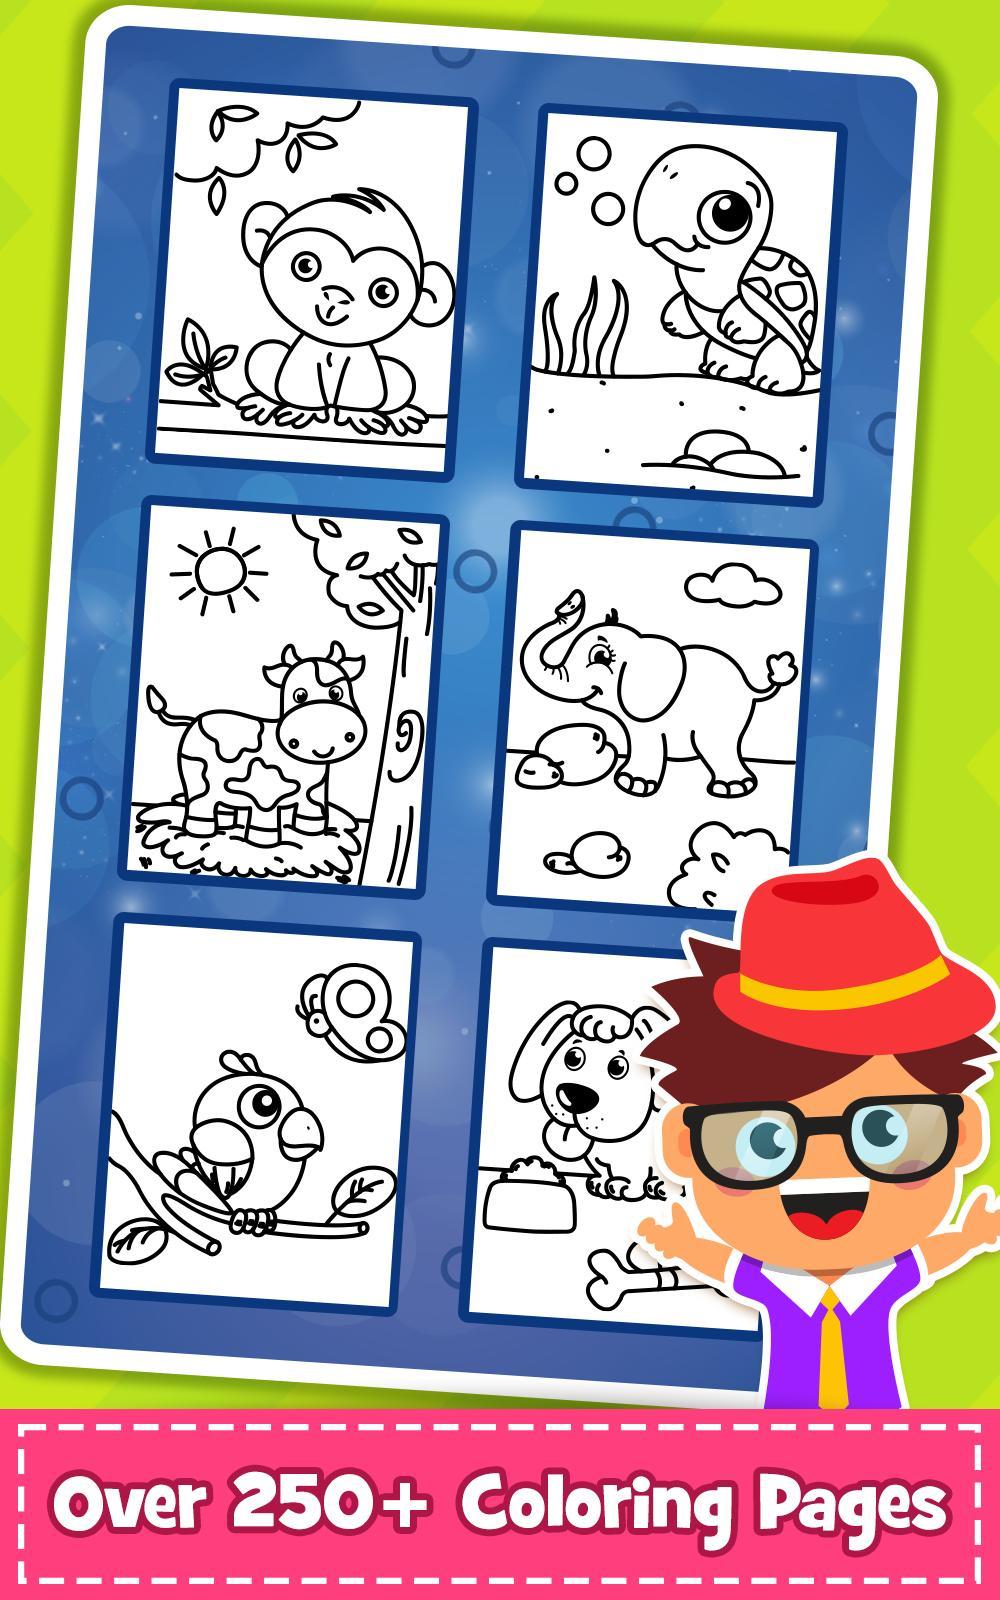 Malvorlagen: PreSchool Malbuch für Kinder. für Android - APK ...